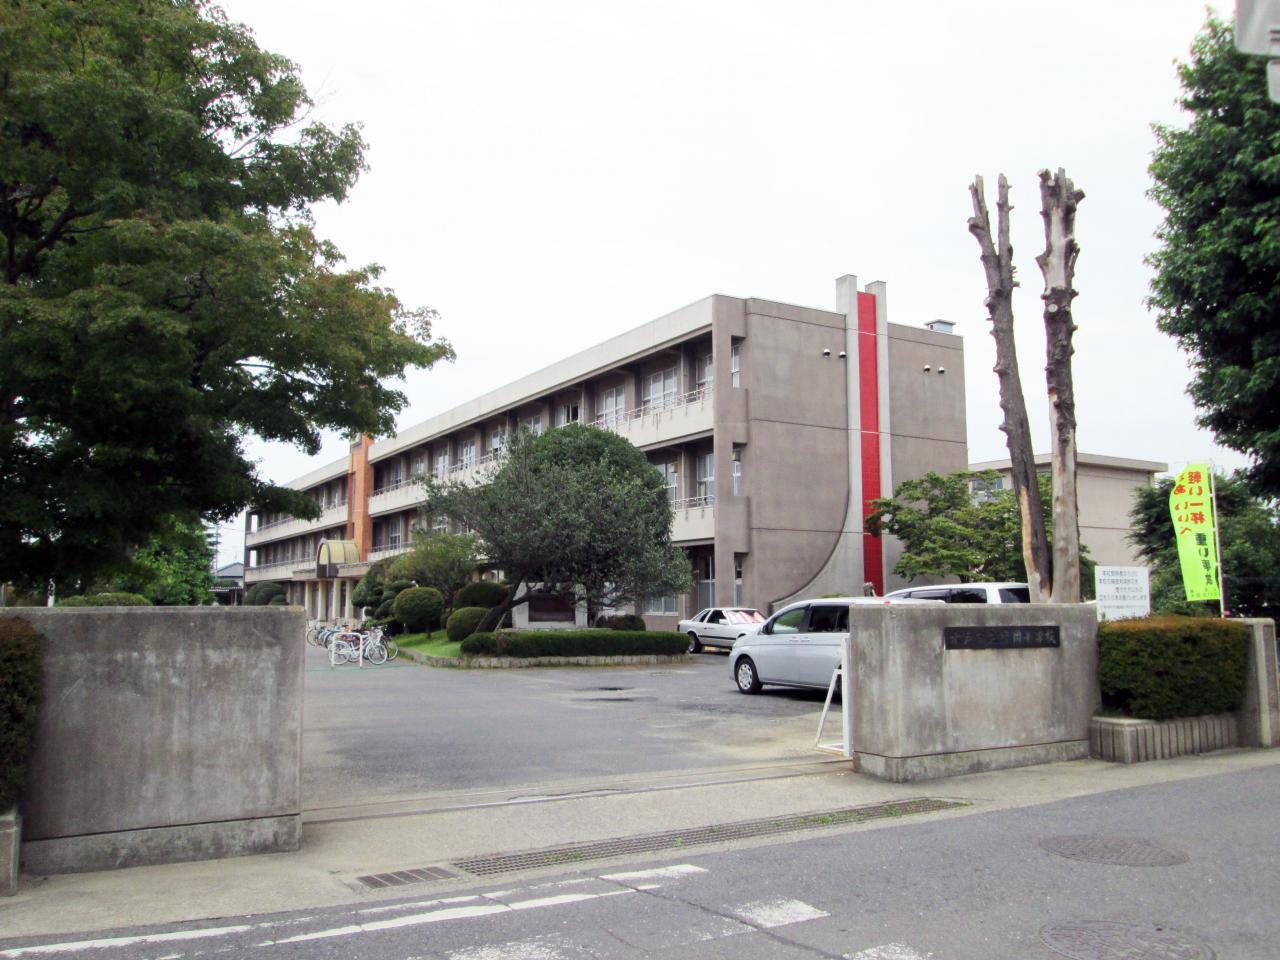 中古戸建 水戸市千波町 JR常磐線(取手〜いわき)水戸駅 1890万円